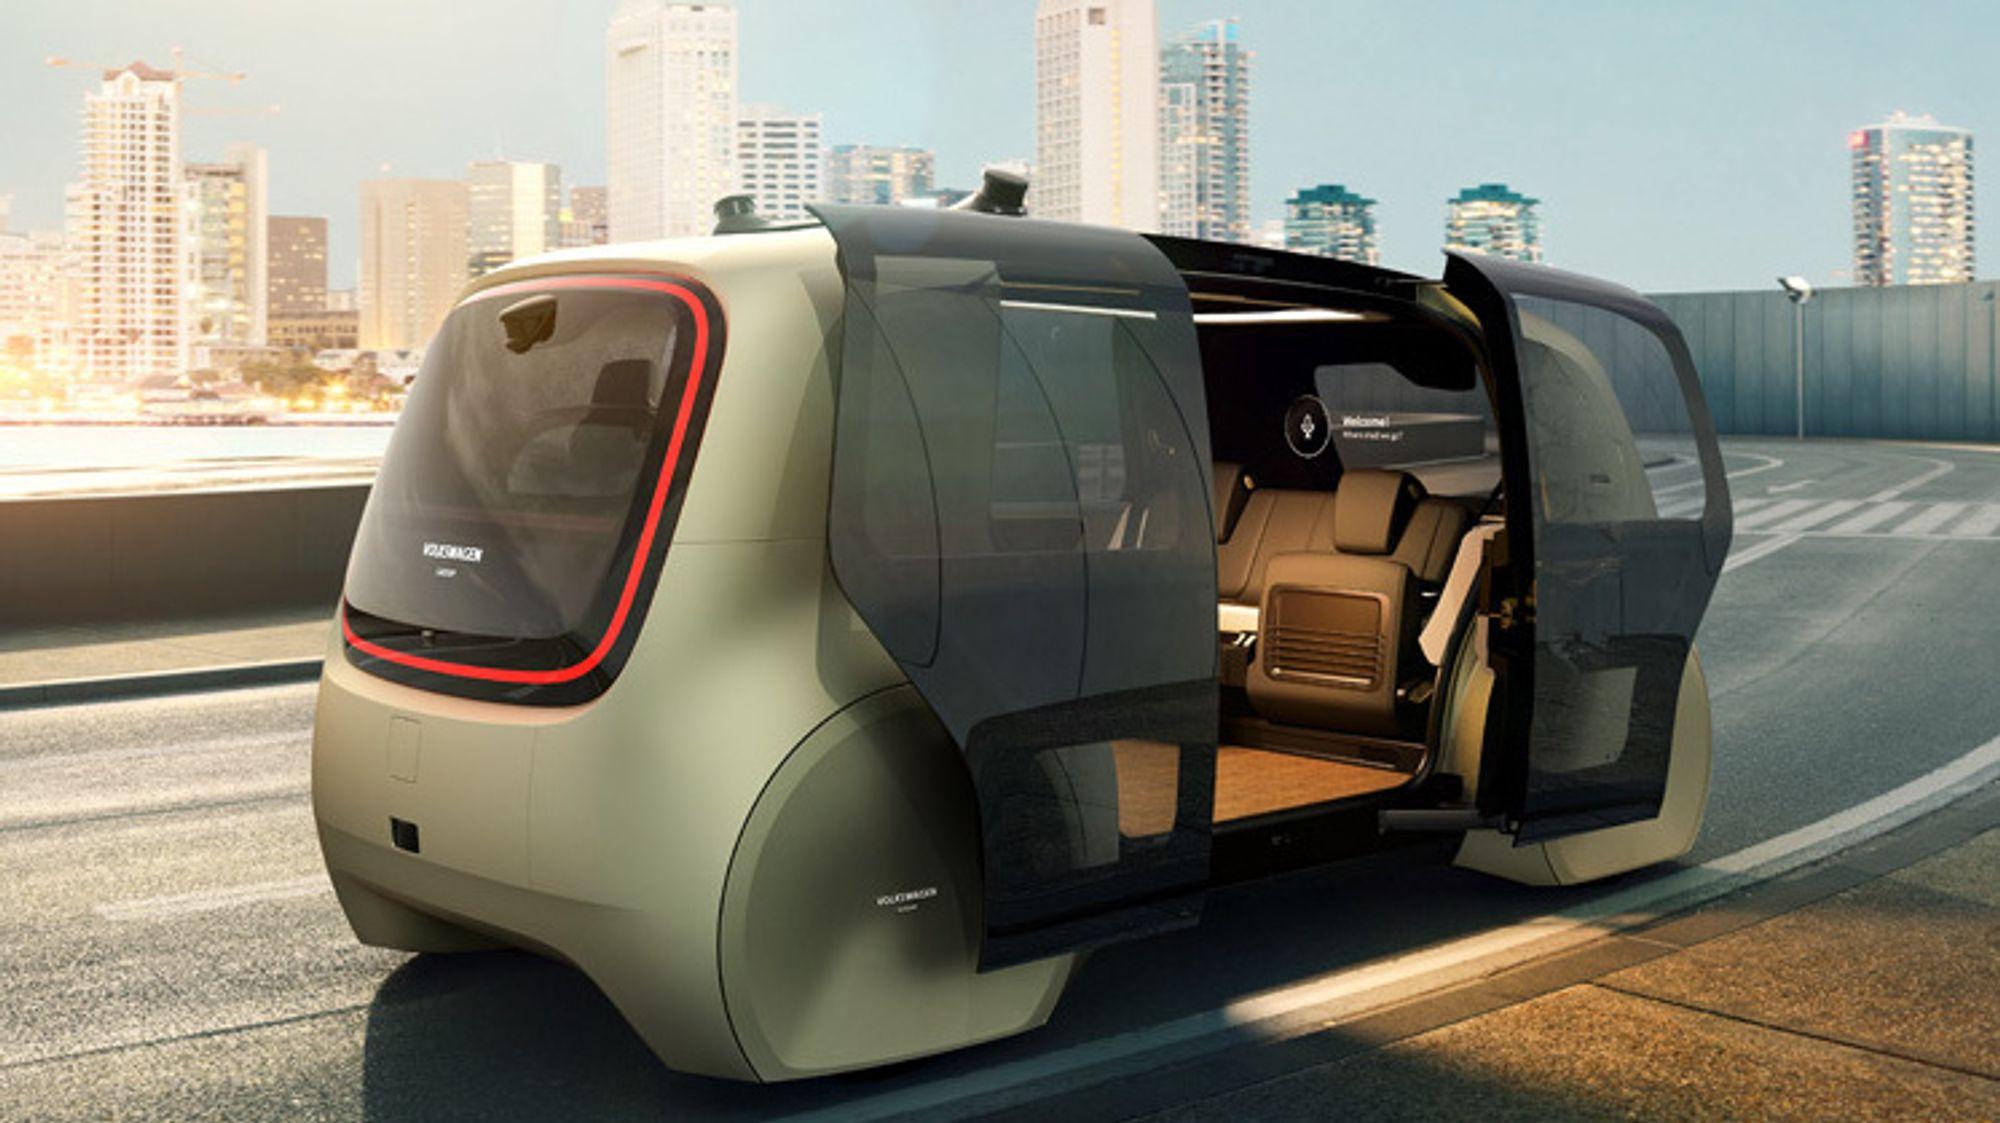 Volkswagen skal starte opp nye pilotprosjekter med sin selvkjørende konseptbil Sedric ved sine fabrikker. Her skal bilen frakte ansatte internt på fabrikkområdet.